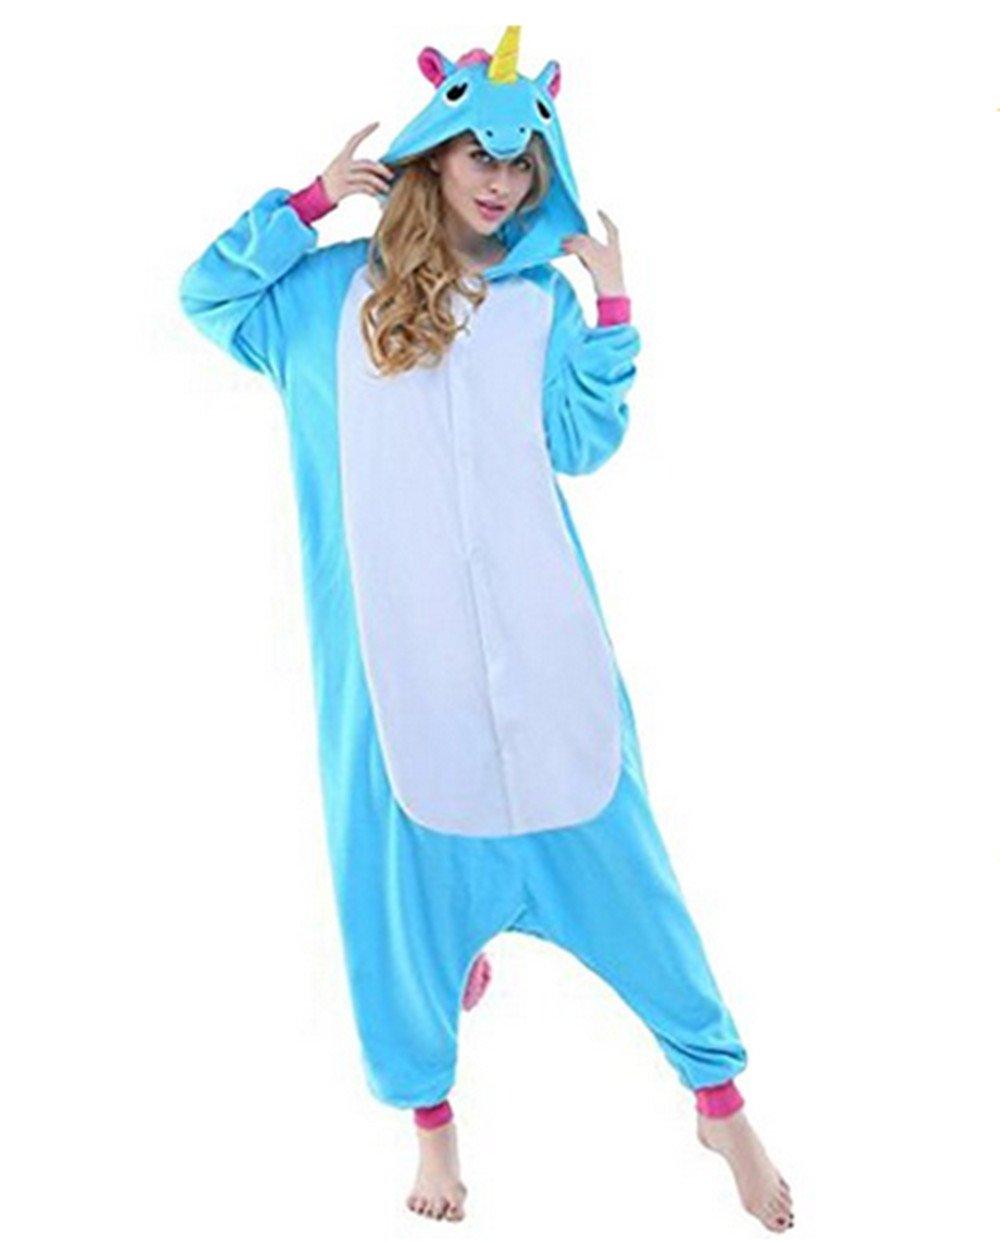 Kenmont Unisexo Adulto Pijama Juguetes y Juegos Traje Cosplay Animal Pyjamas Unicornio (Small, Azul): Amazon.es: Juguetes y juegos